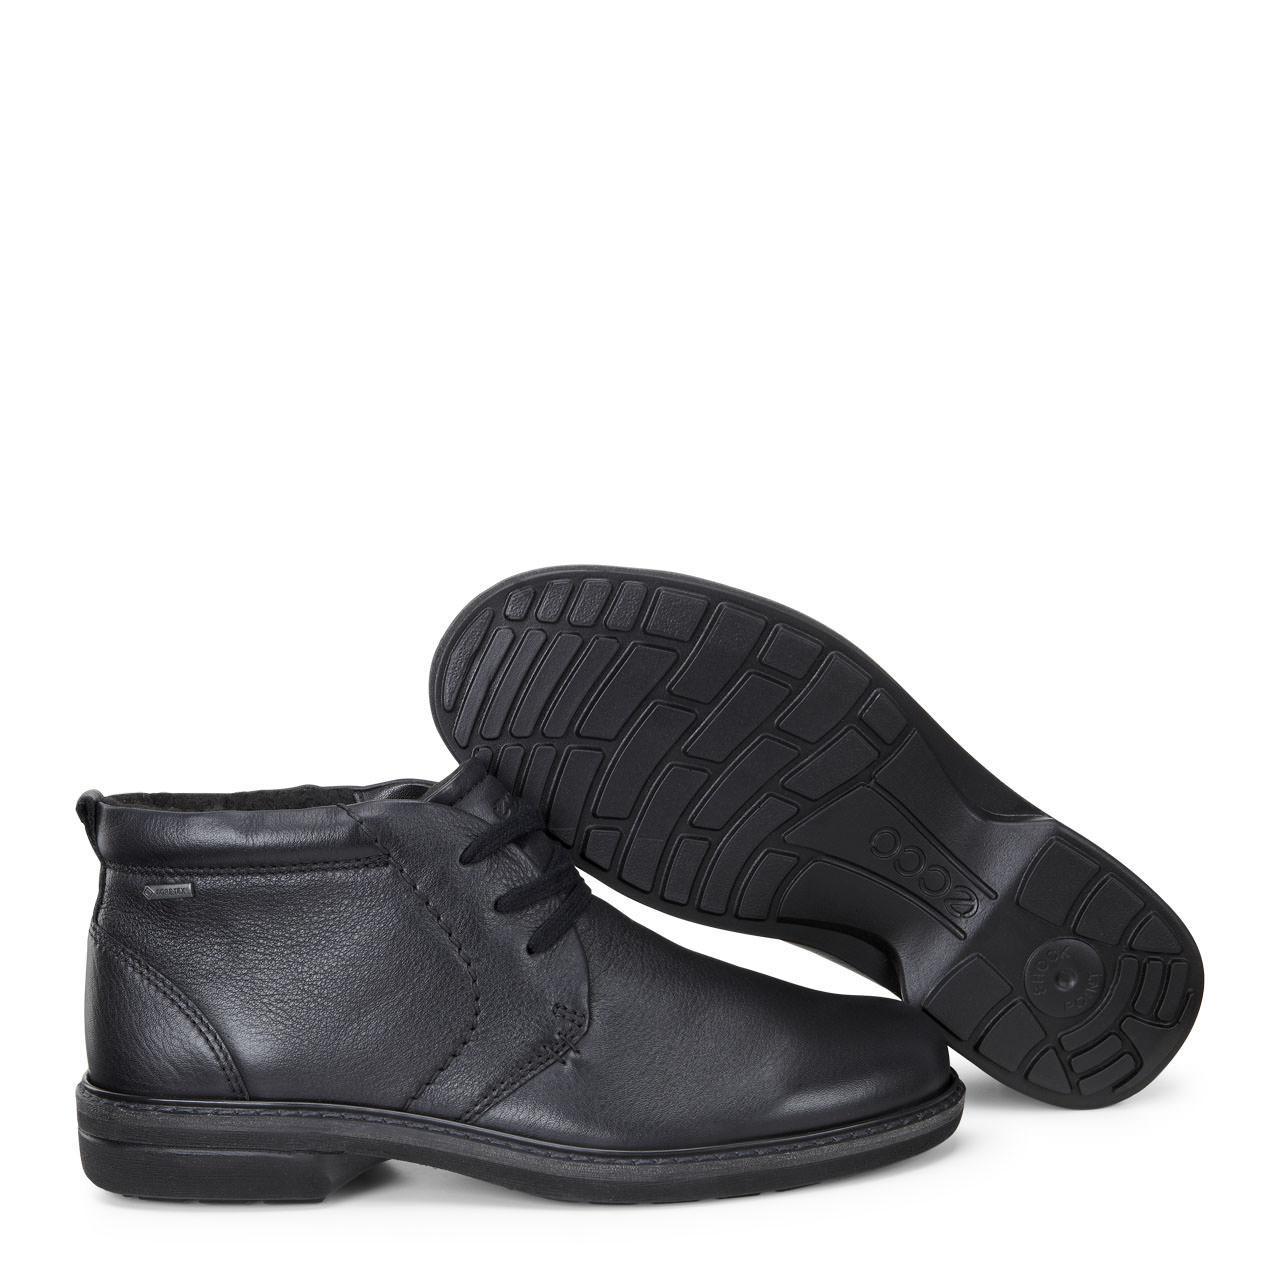 ECCO Turn GTX Boot Mens Black,ecco shoes nz,ecco goretex